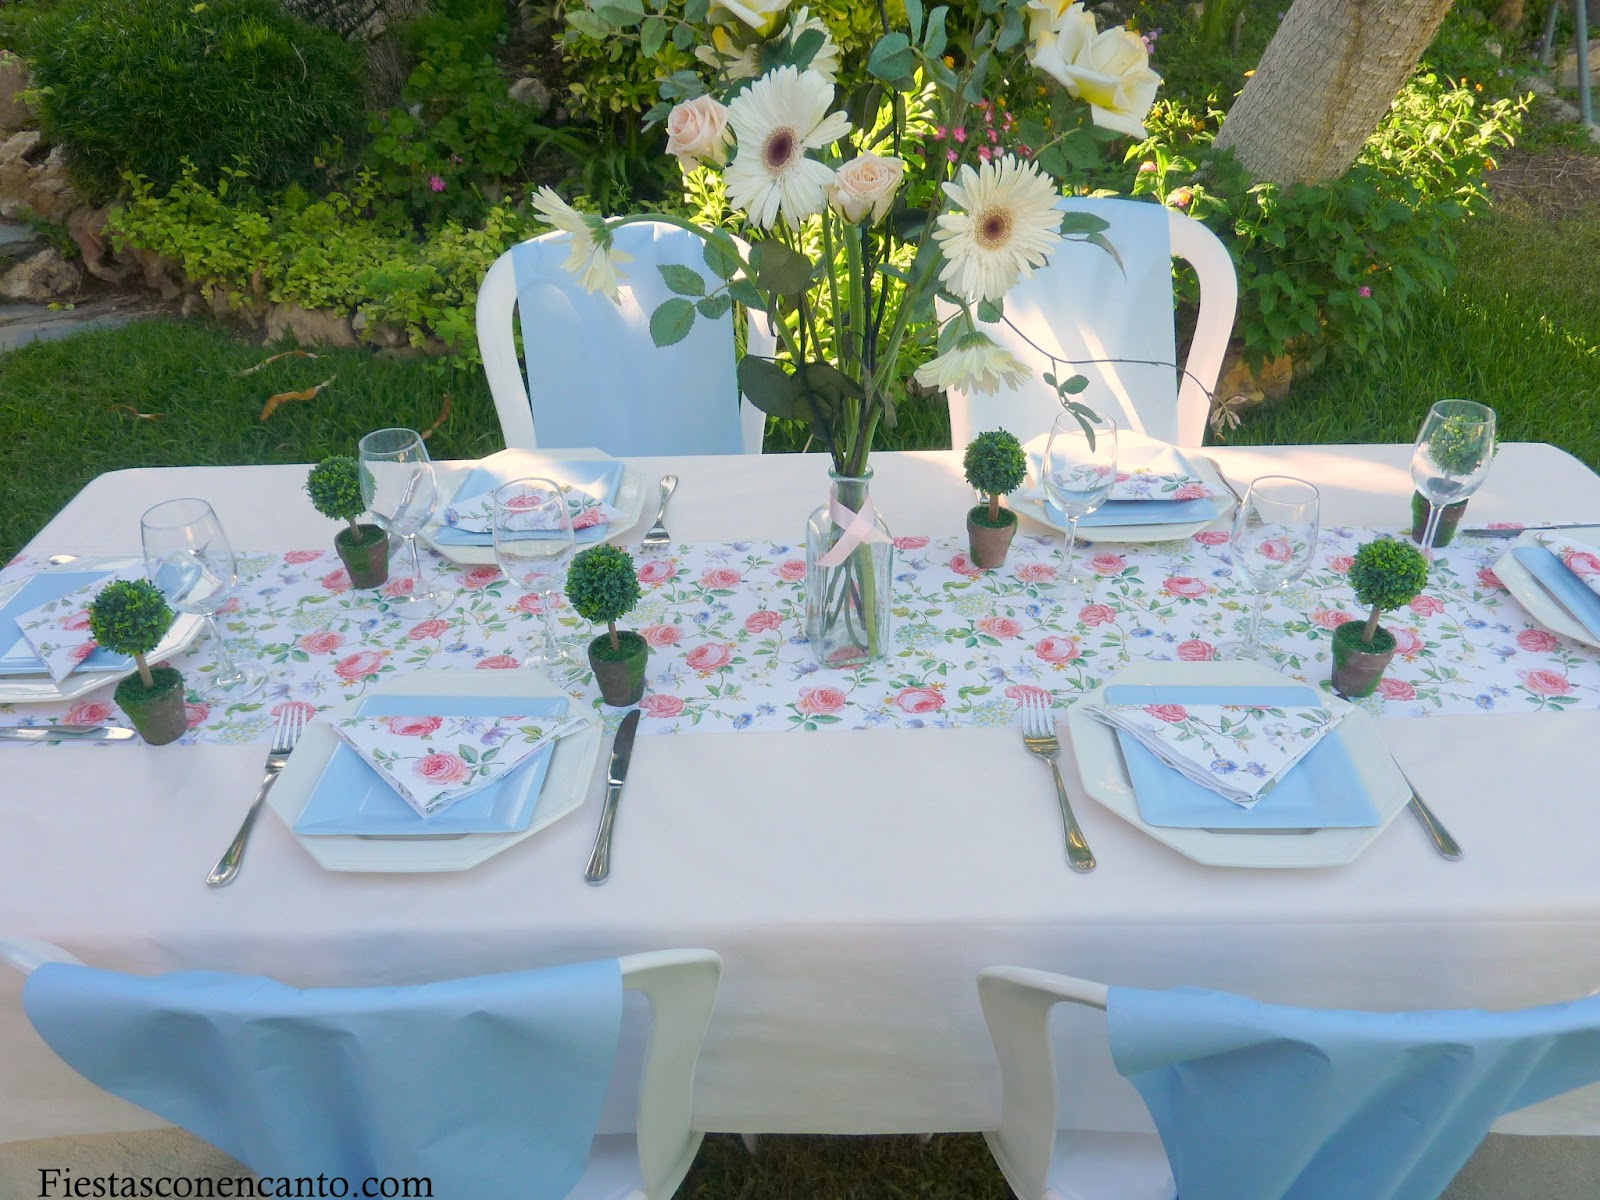 Fiestas con encanto buffet bautizo o comuni n econ mico - Mesas para comuniones ...